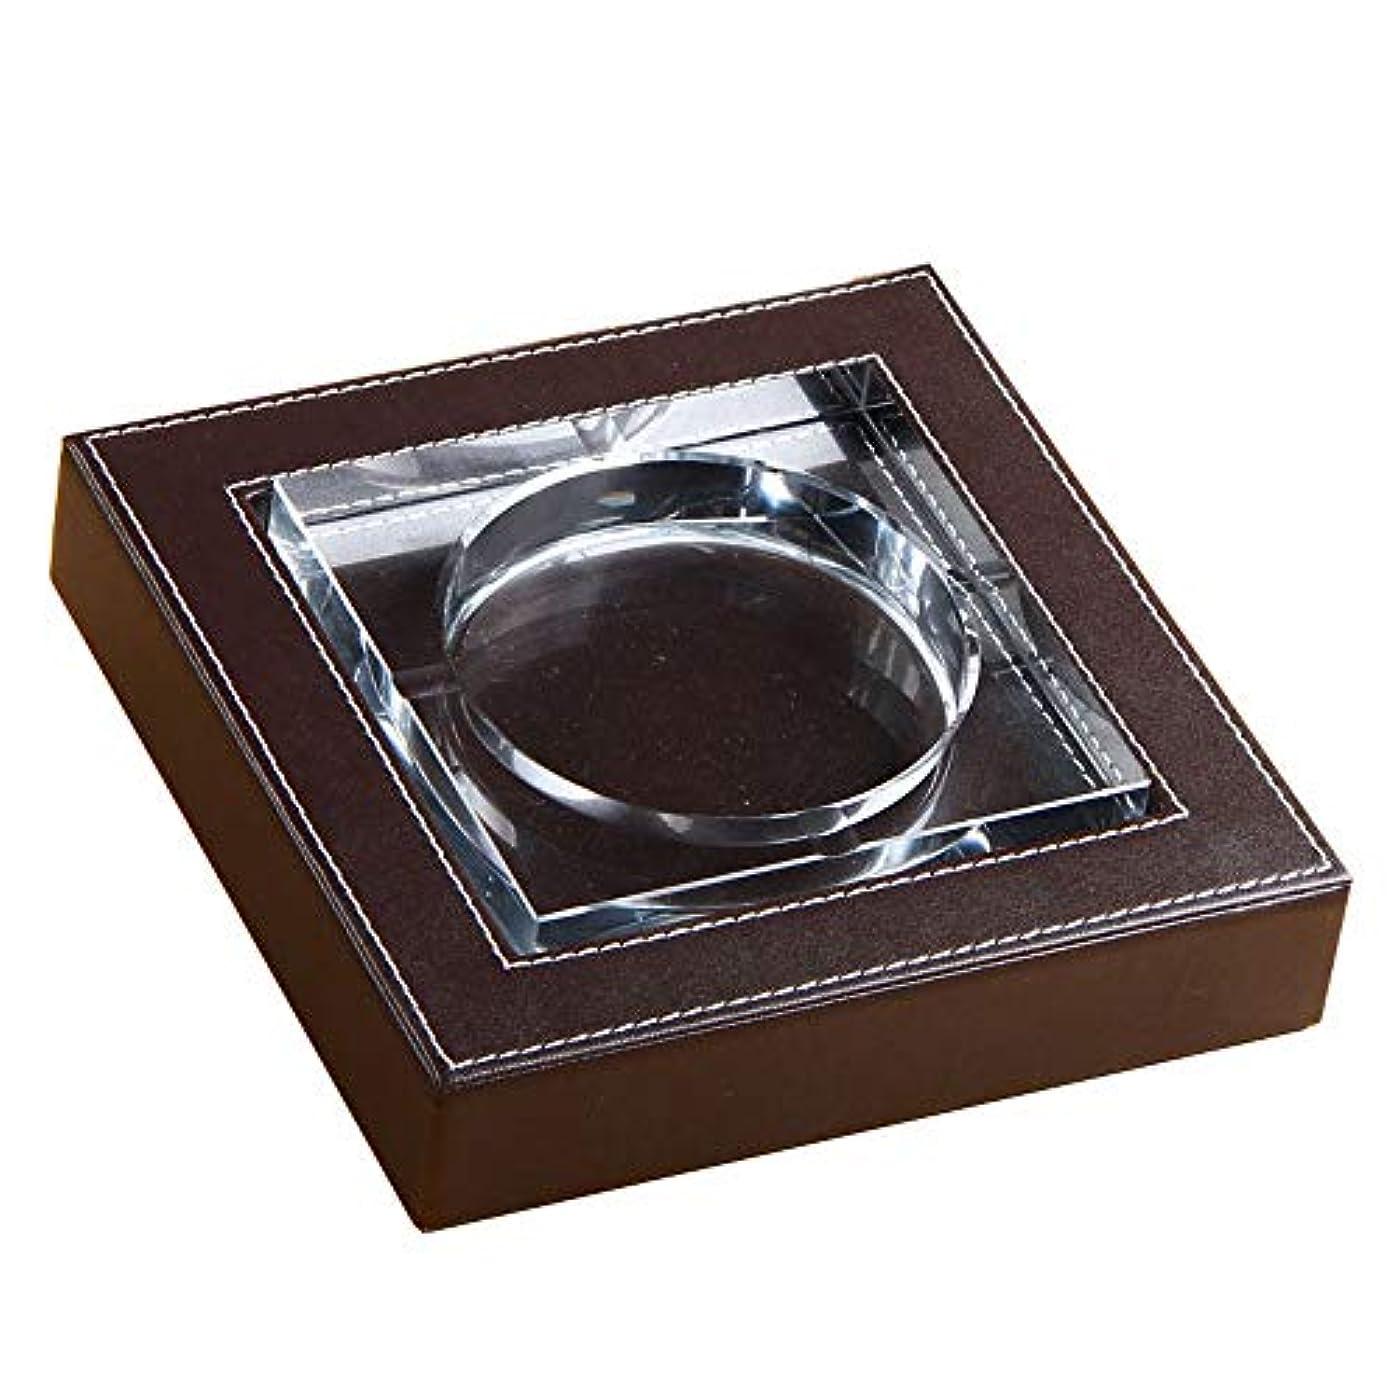 聖域船尾リア王屋内でクリスタル屋外喫煙者のための灰皿灰皿ホルダー、ホームオフィスの装飾のためのデスクトップの喫煙灰皿 (Size : S)